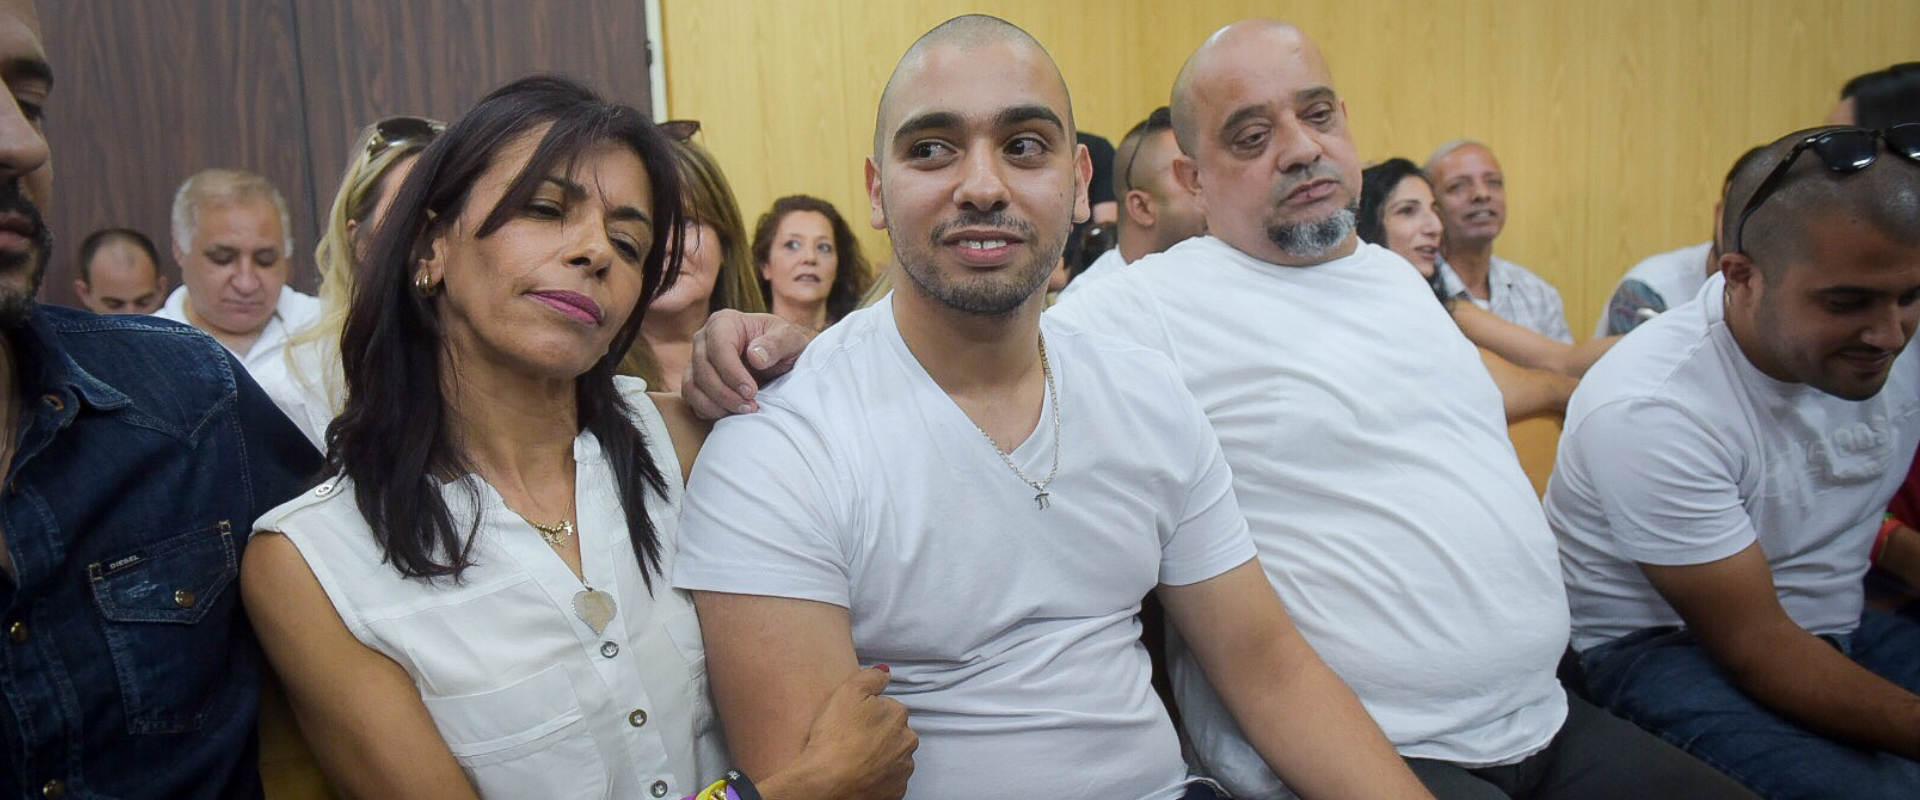 אלאור אזריה בבית המשפט